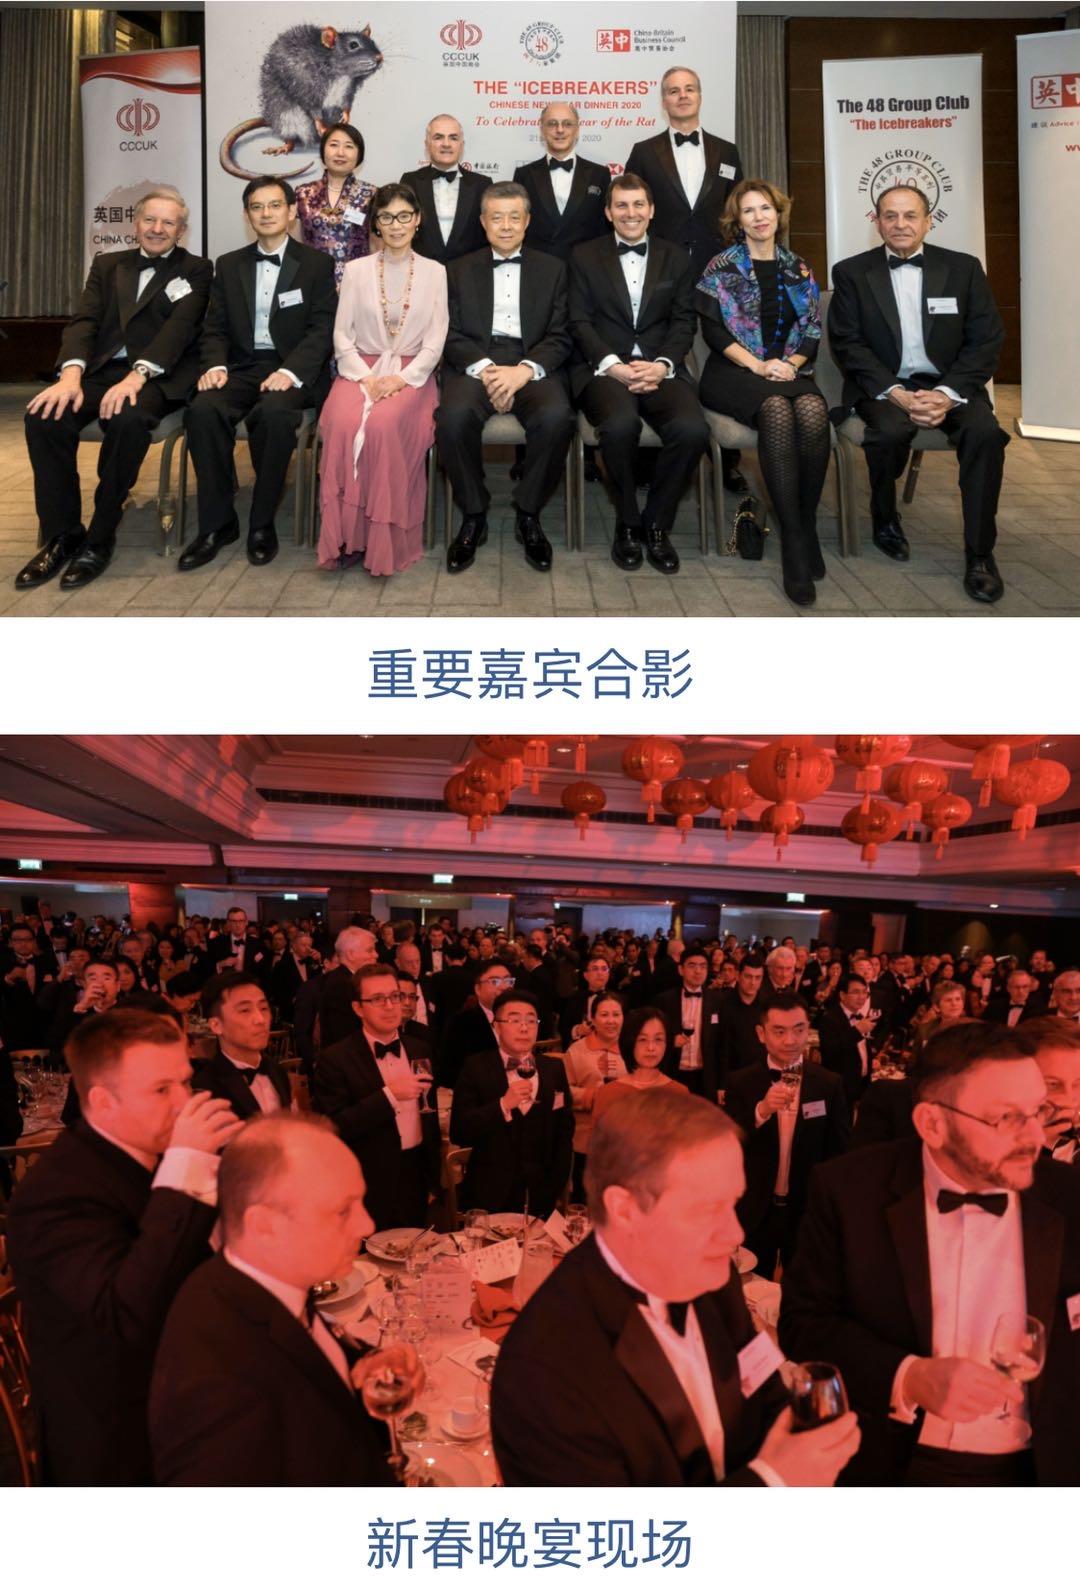 英国中国商会、48家集团俱乐部与英中贸易协会联合举办2020年新春晚宴